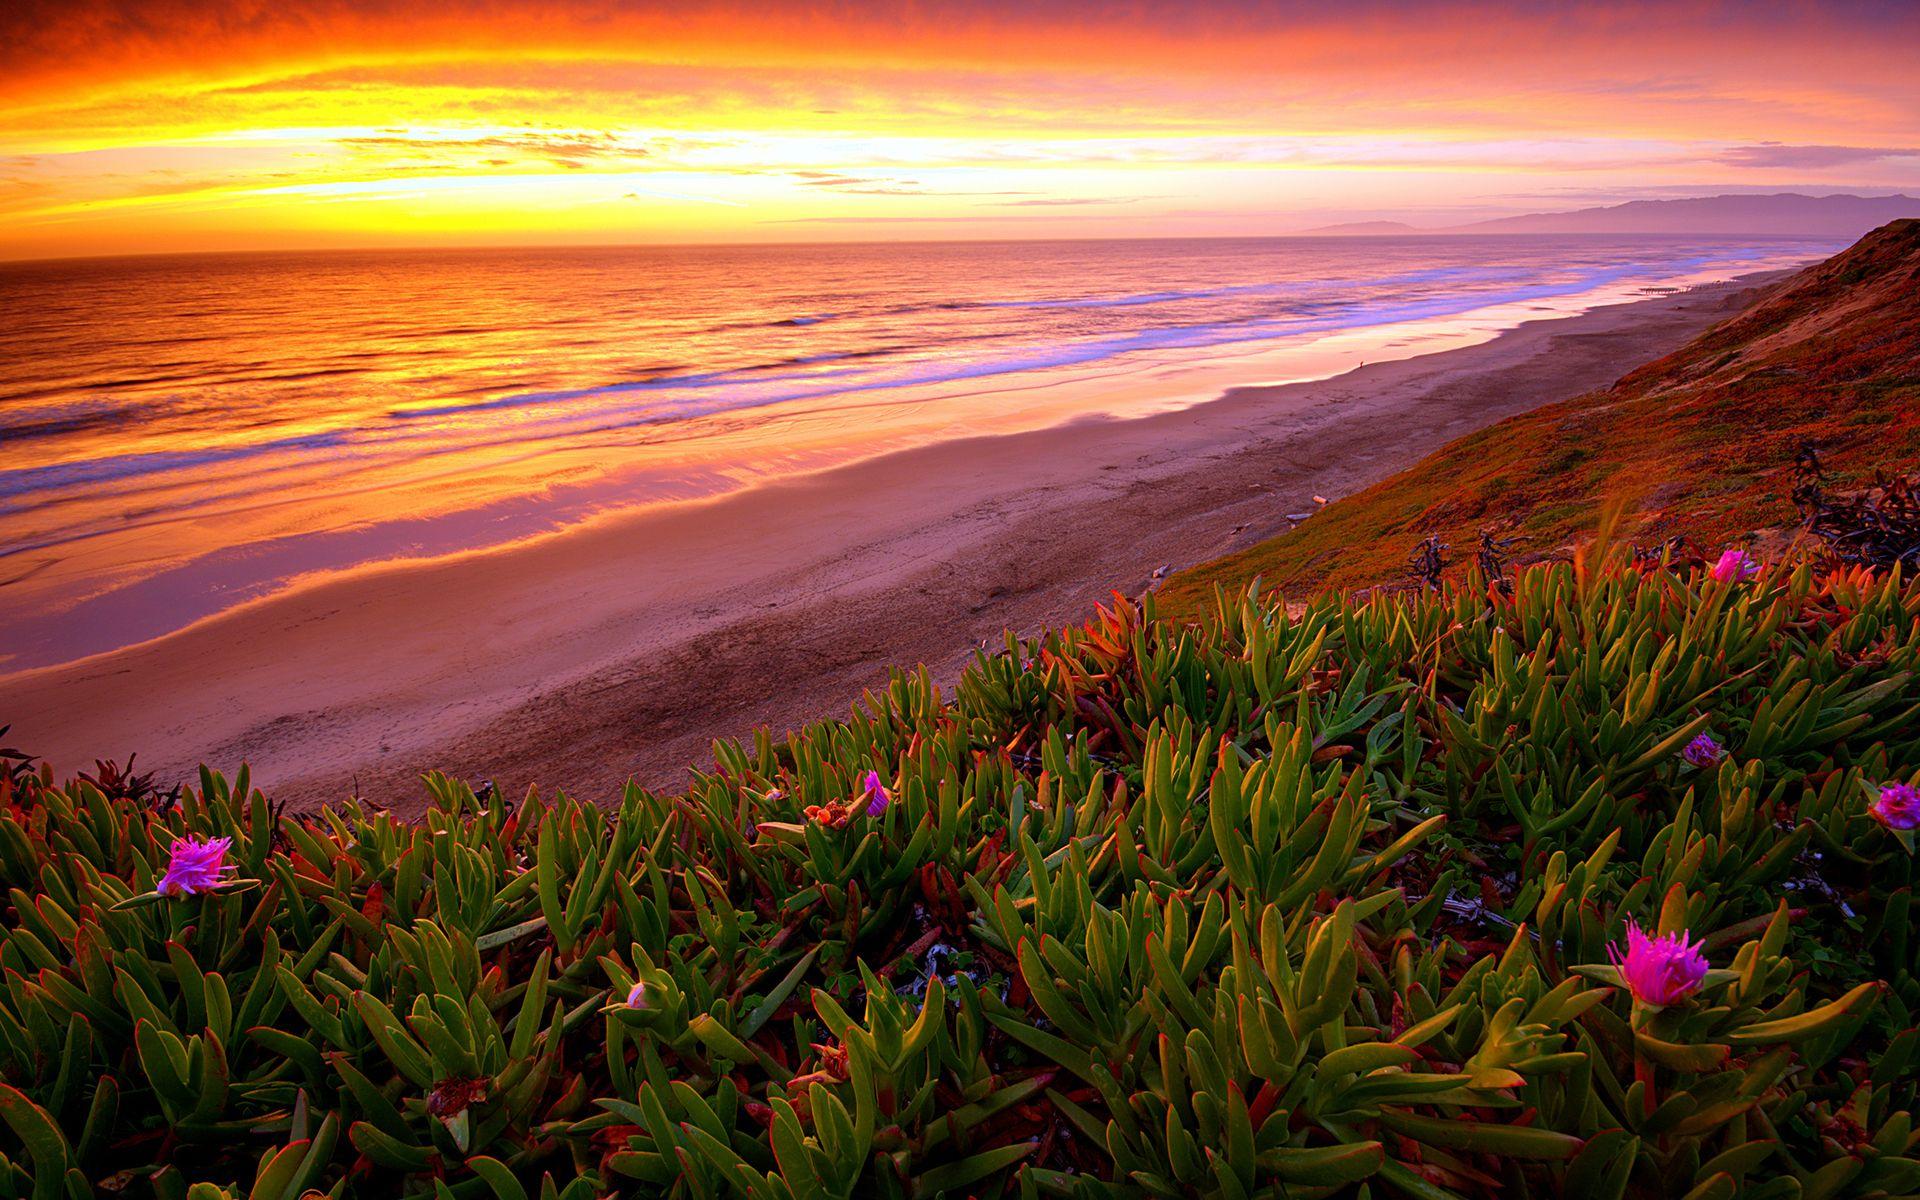 ocean and flowers paintings | Beach Ocean Sunset Plant ...